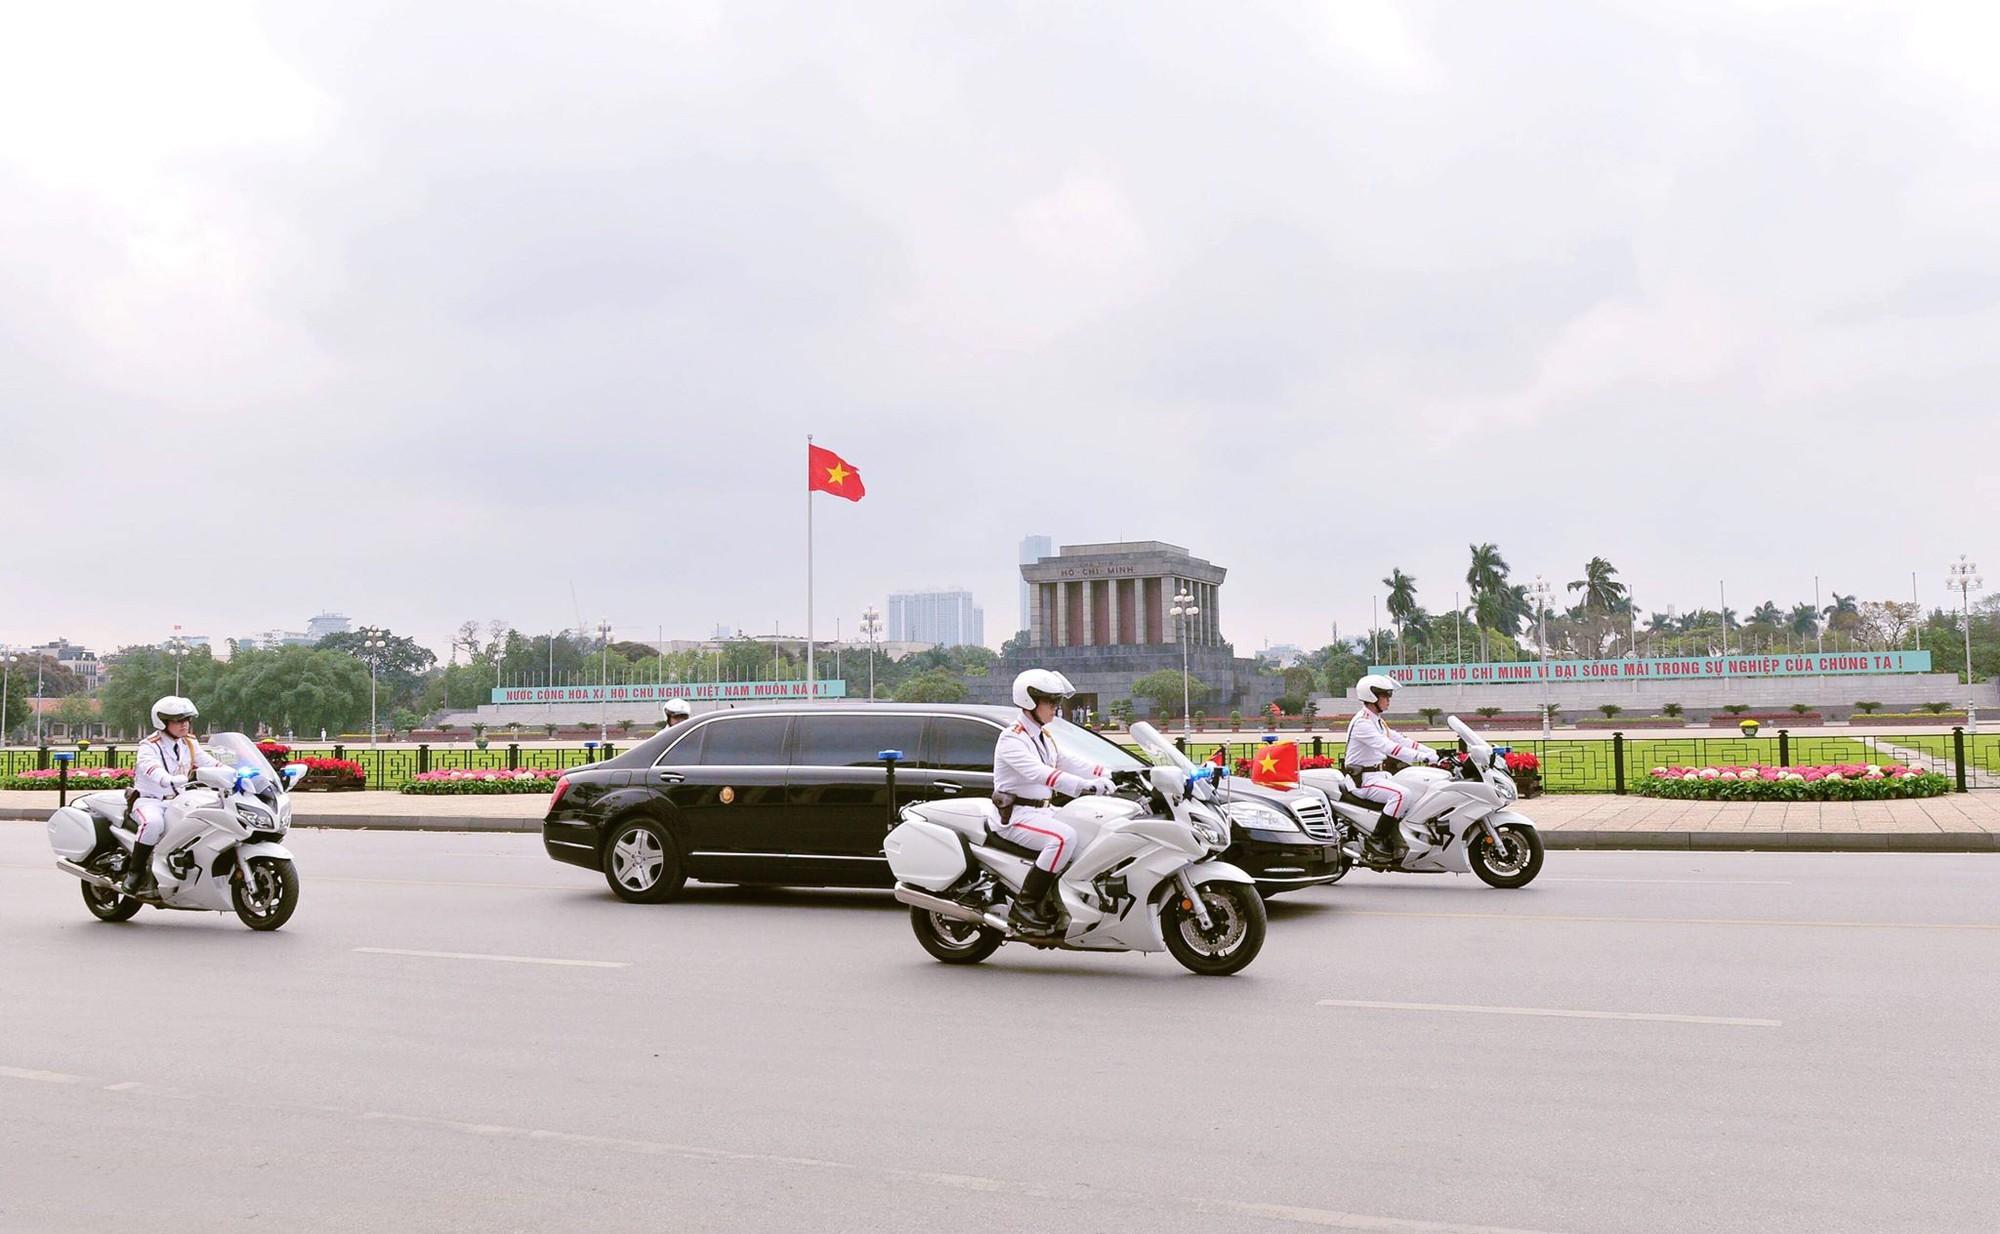 [PHOTO ESSAY] Những khoảnh khắc lịch sử trong chuyến công du Việt Nam đầu tiên của Chủ tịch Kim Jong-un - Ảnh 16.